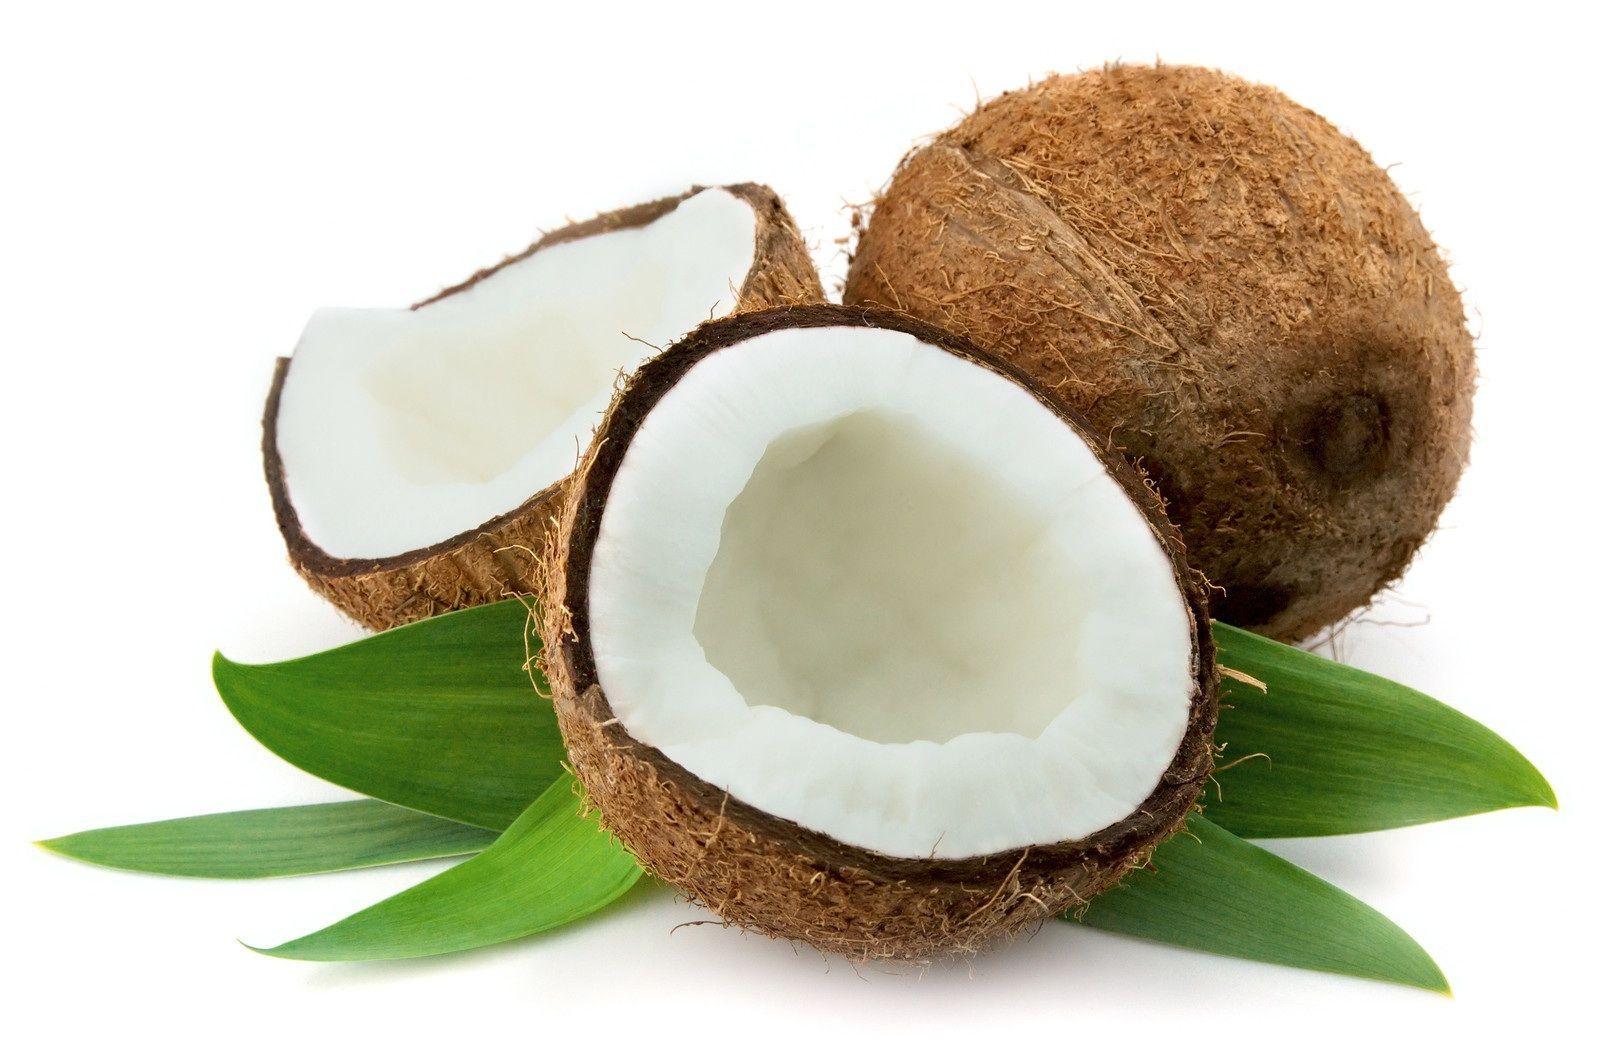 coconut-s-11196